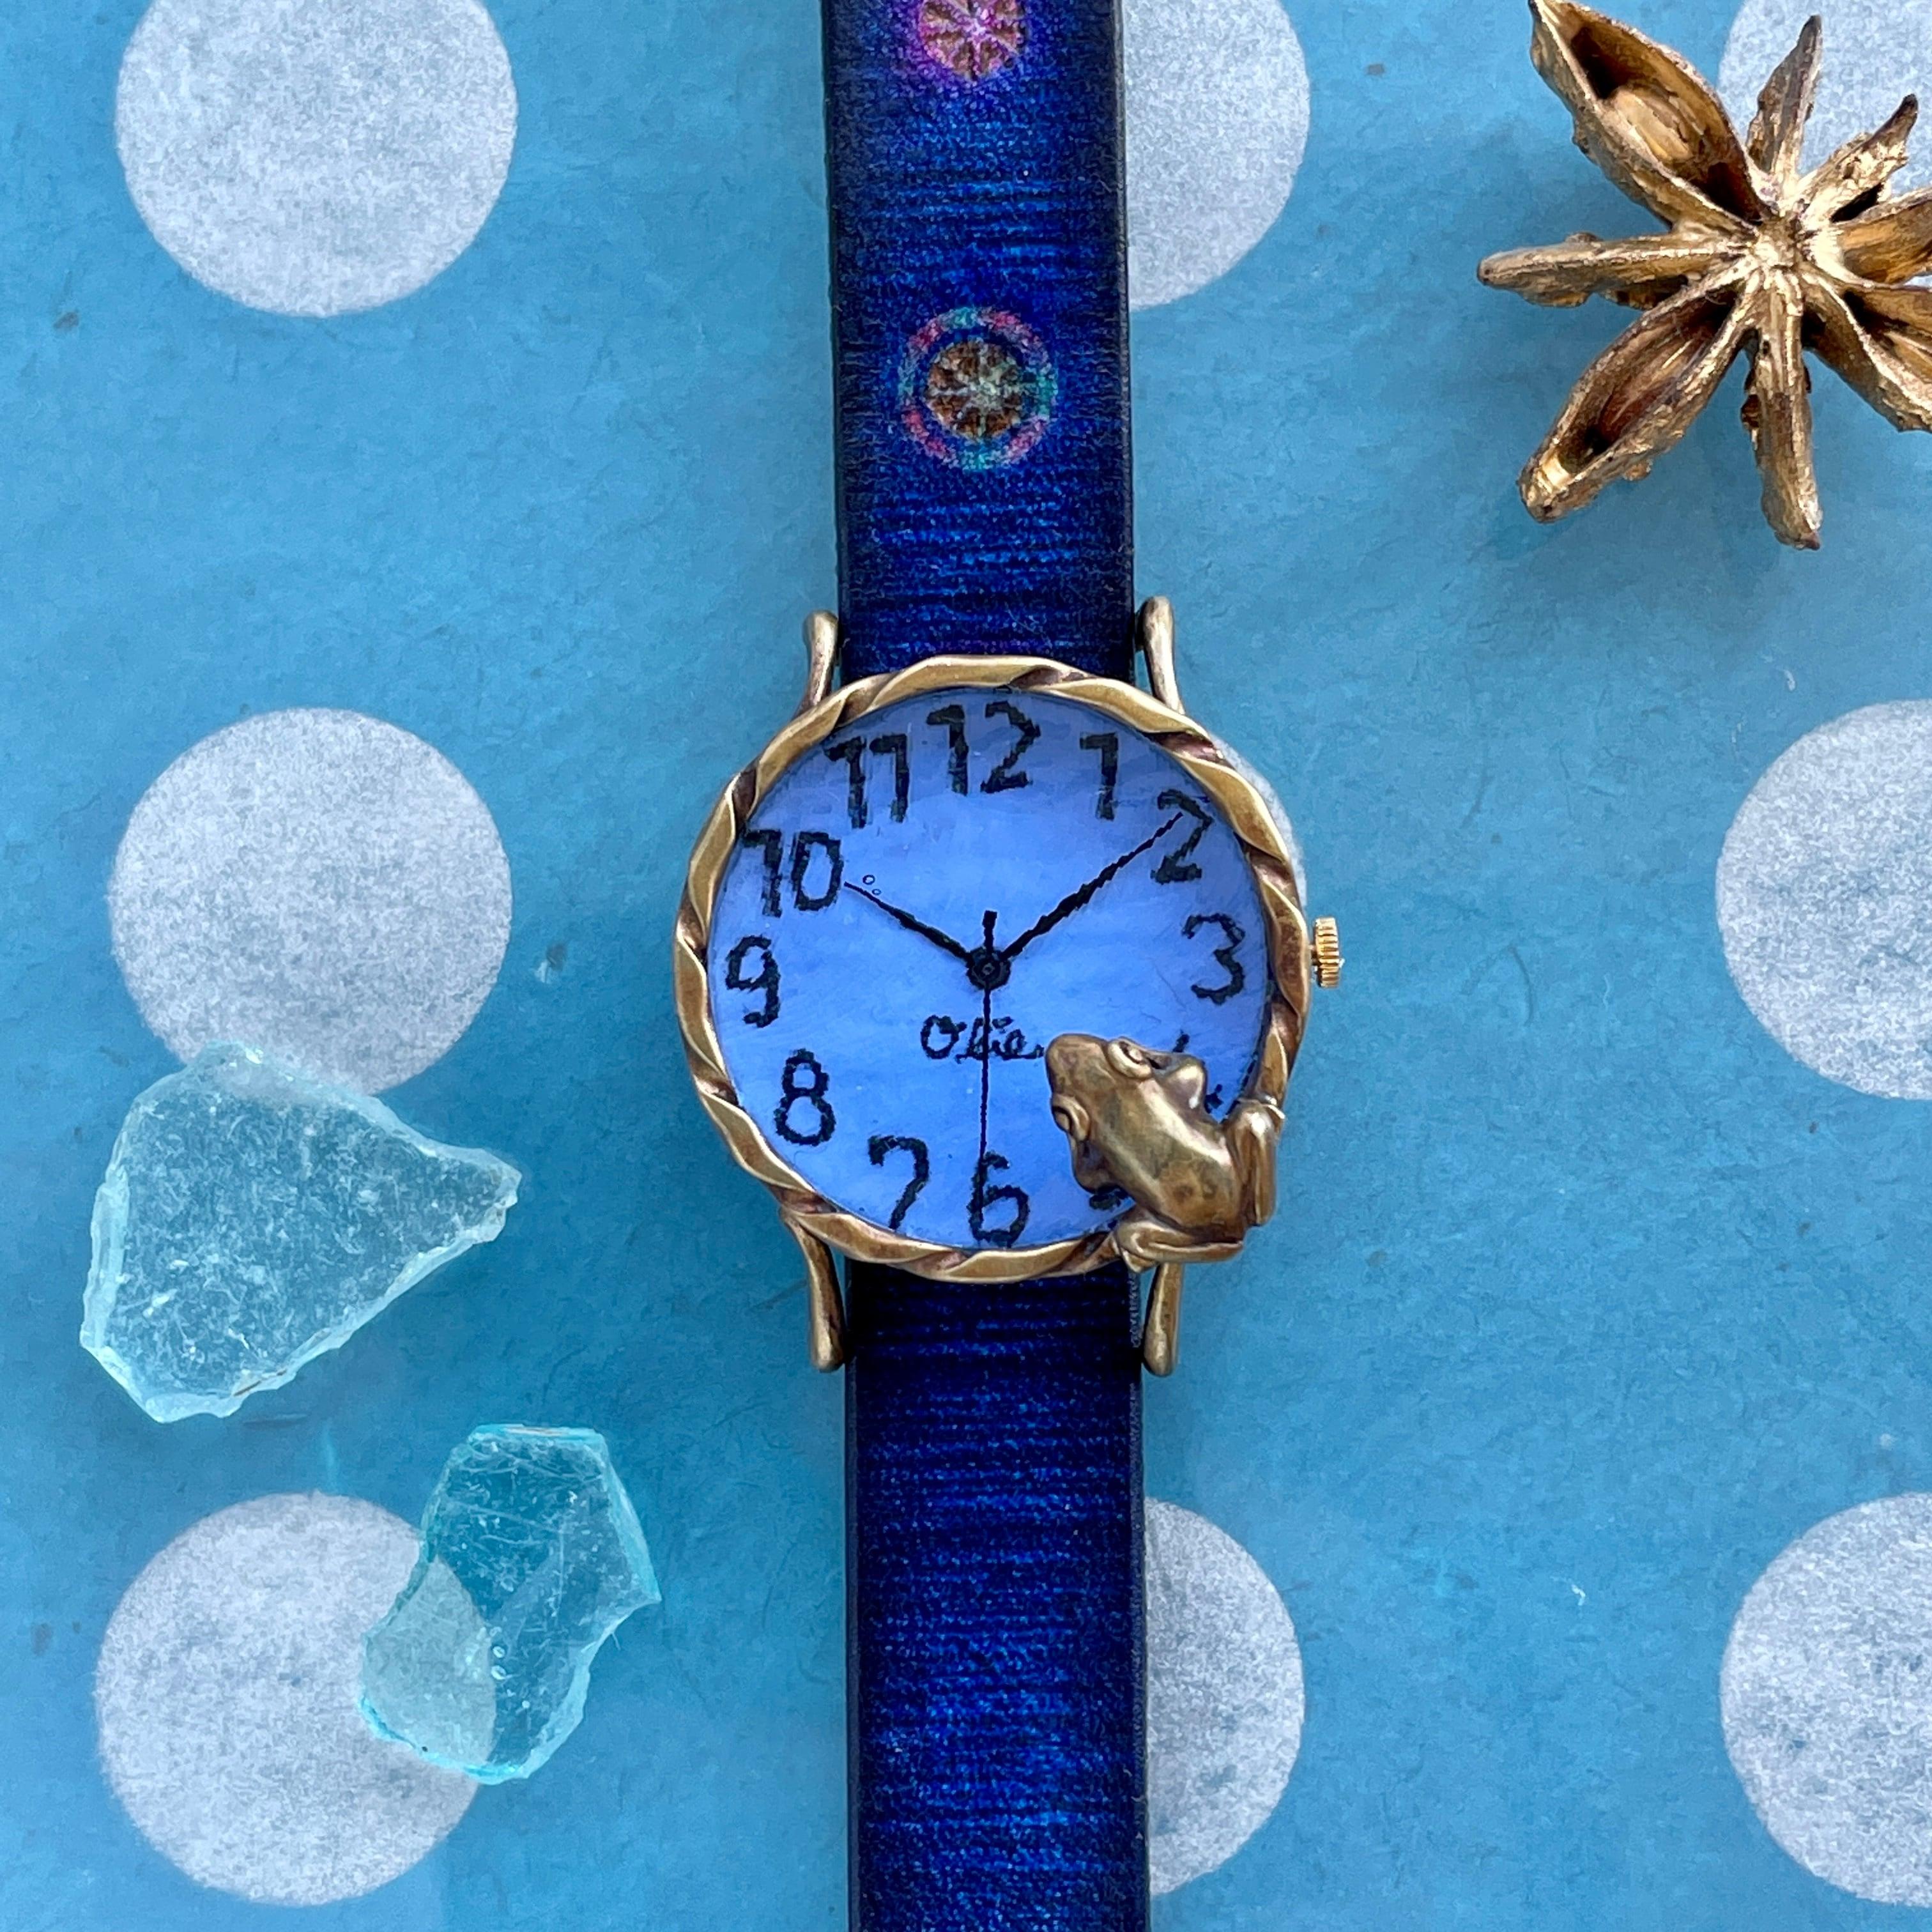 池をのぞく蛙腕時計M パステルブルー